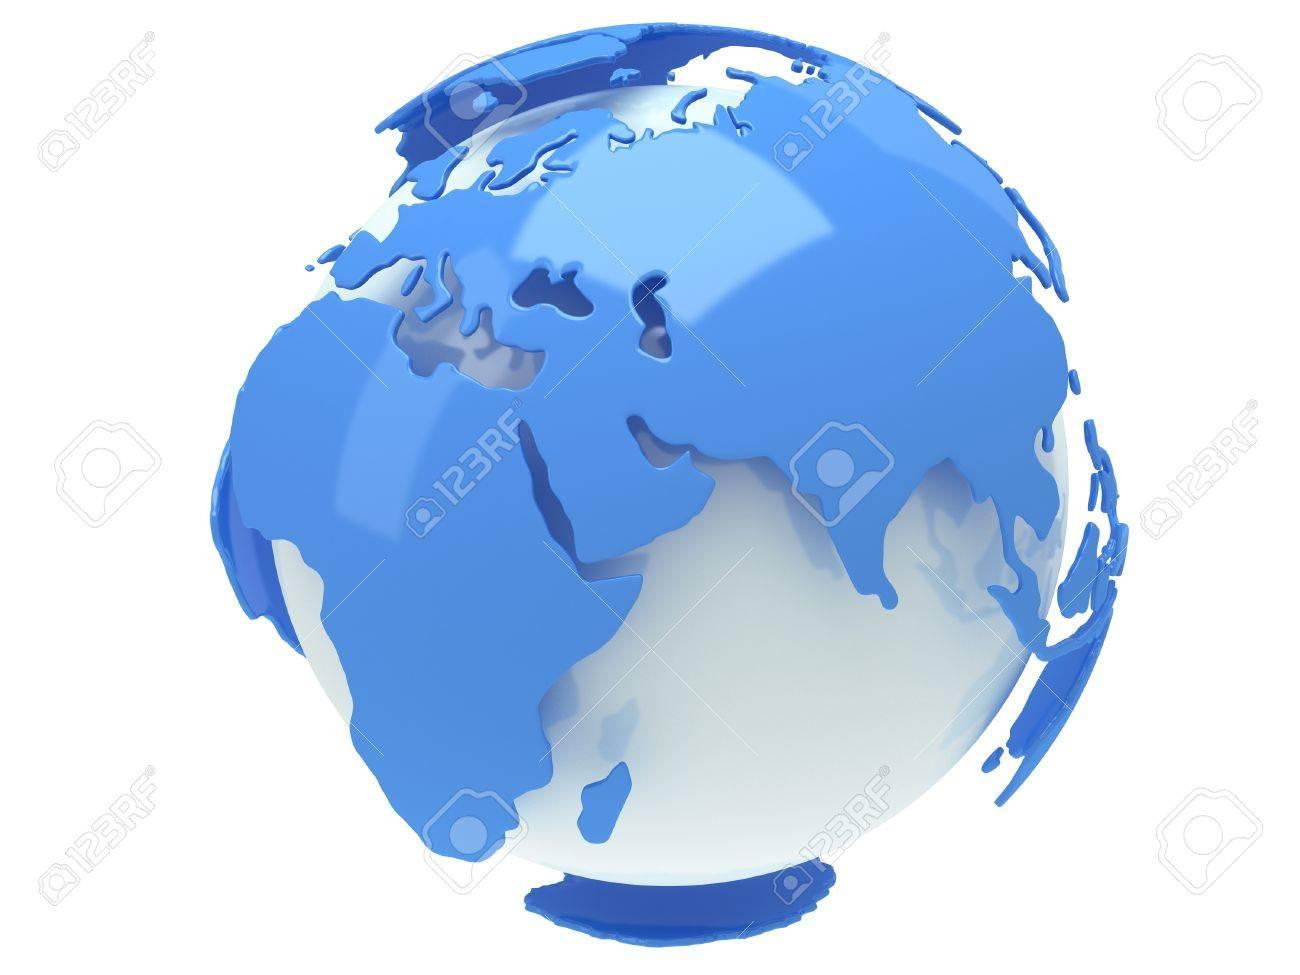 Wunderschön Weltkugel 3d Ideen Von En Erde 3d-darstellung. Indien Blick Auf Weißem